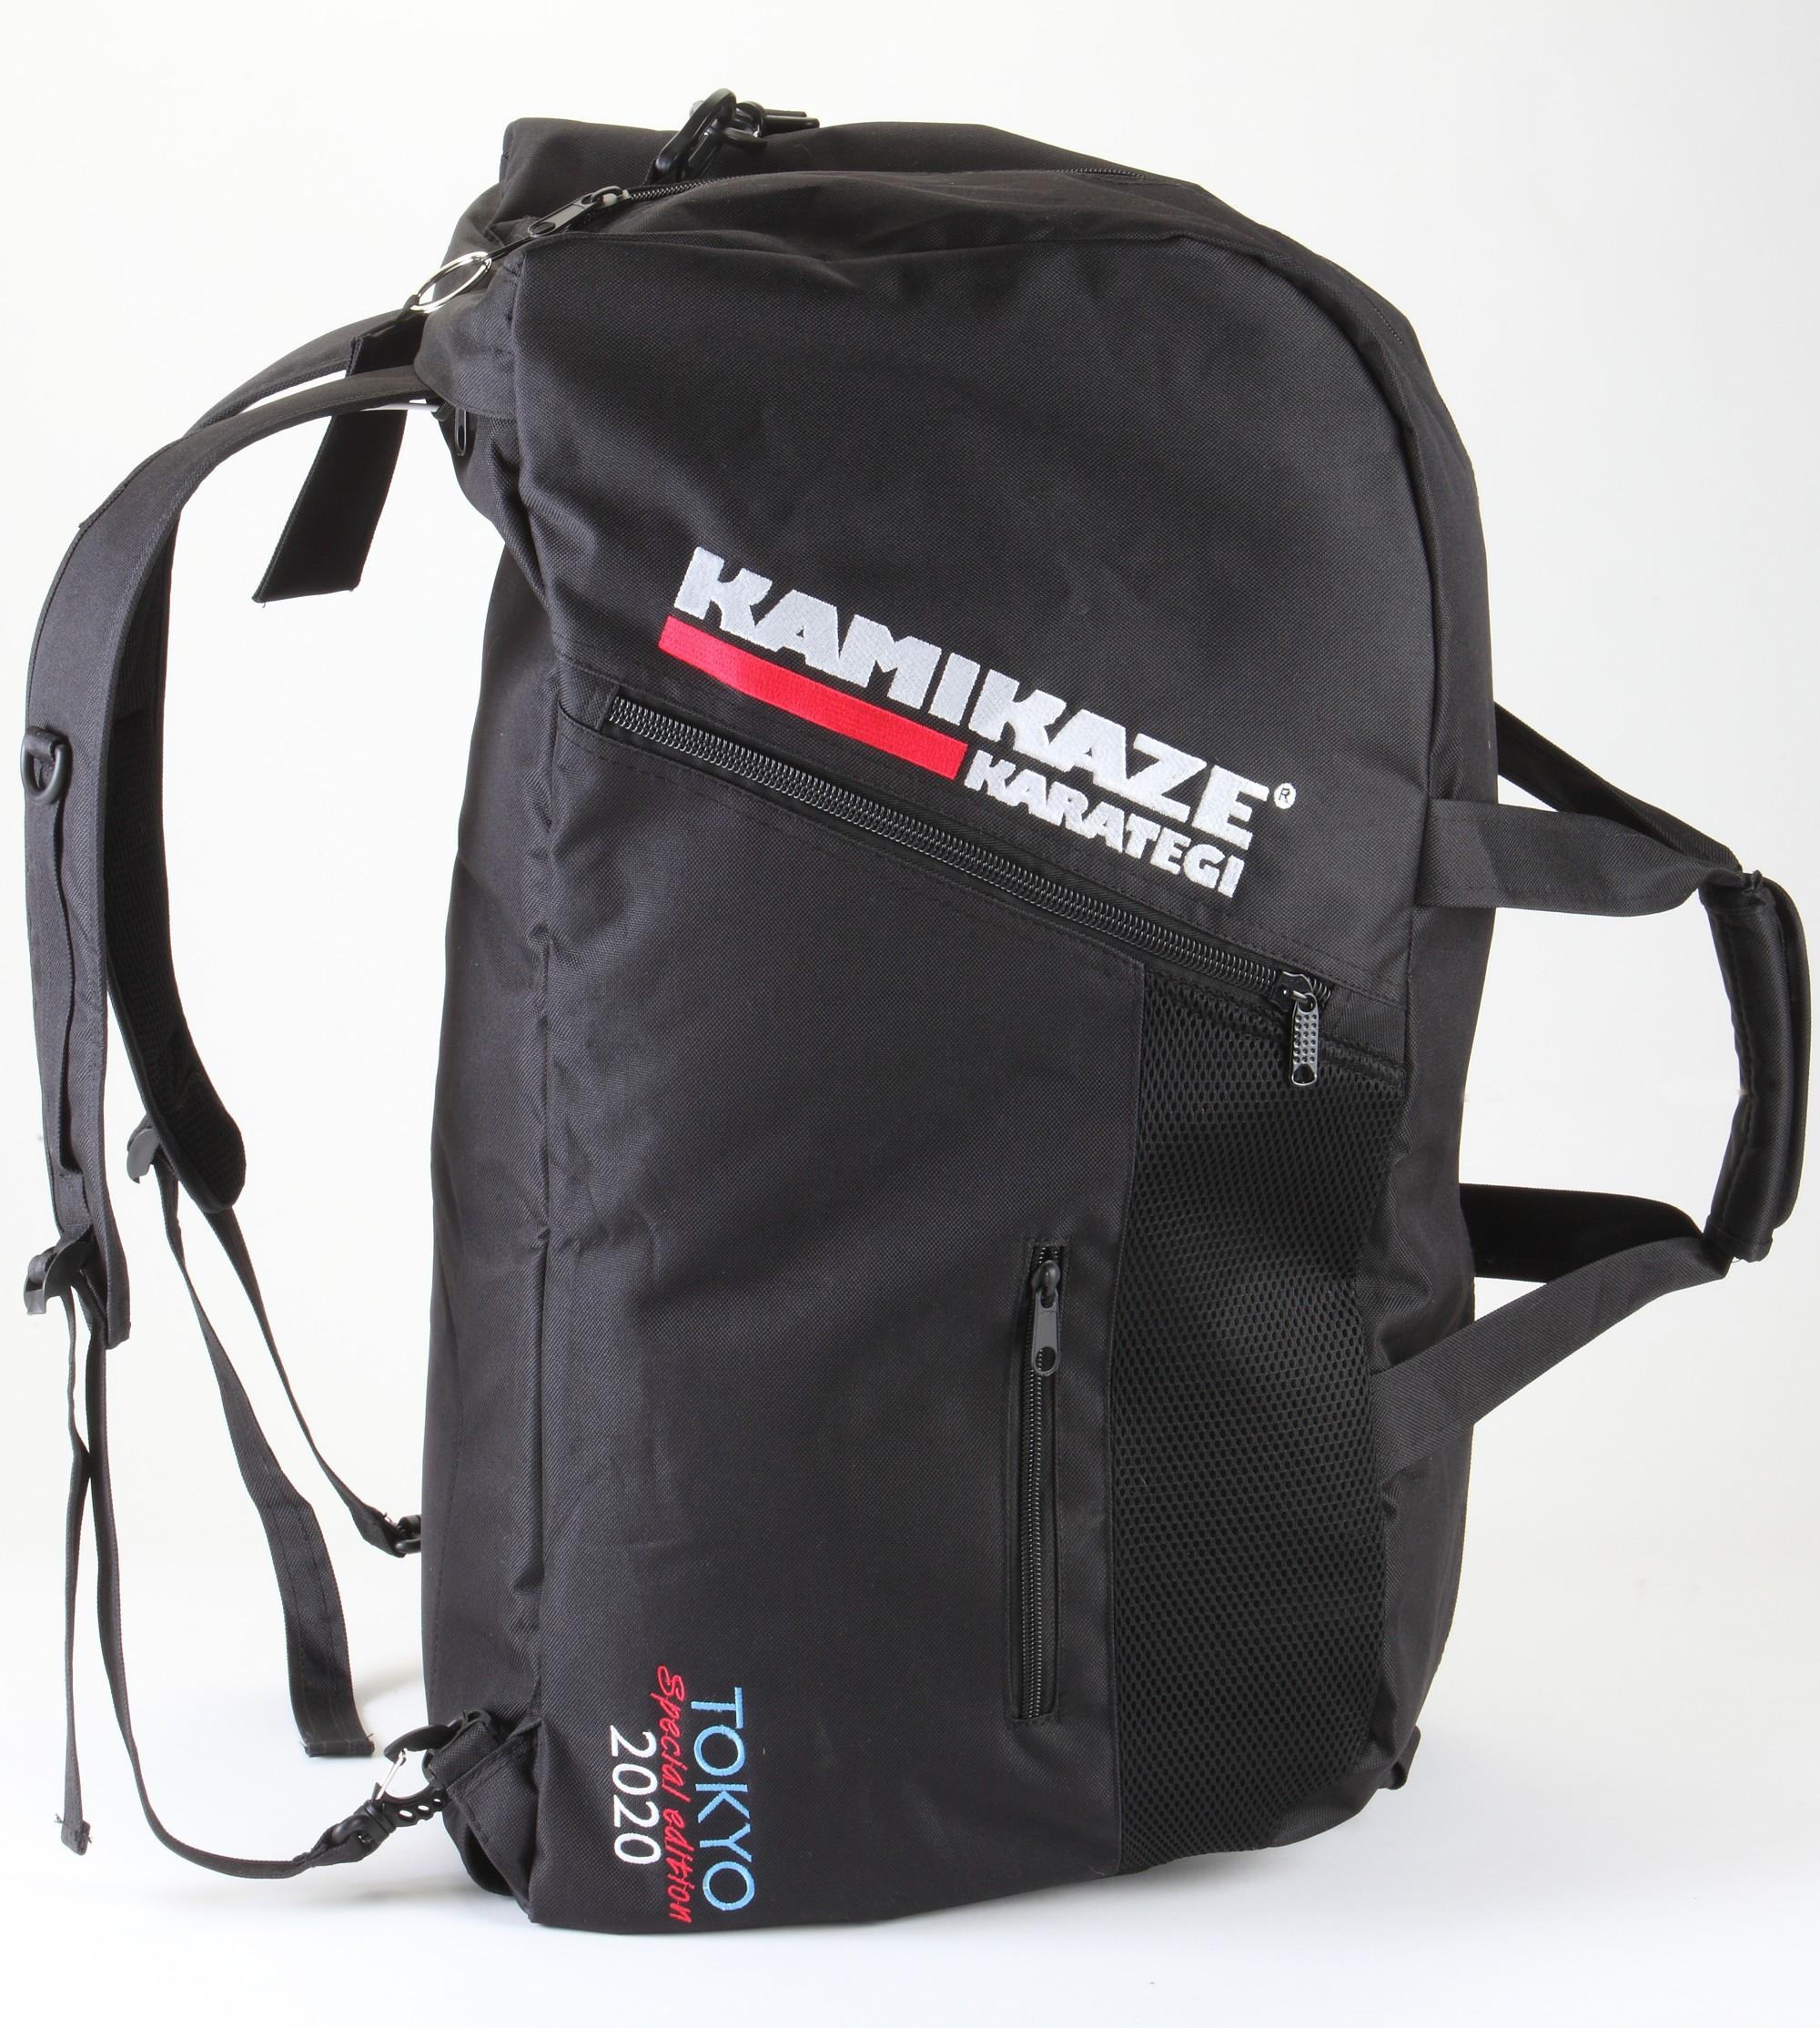 DANRHO judo karaté sac sac de sport entraînement sac à dos sac à dos